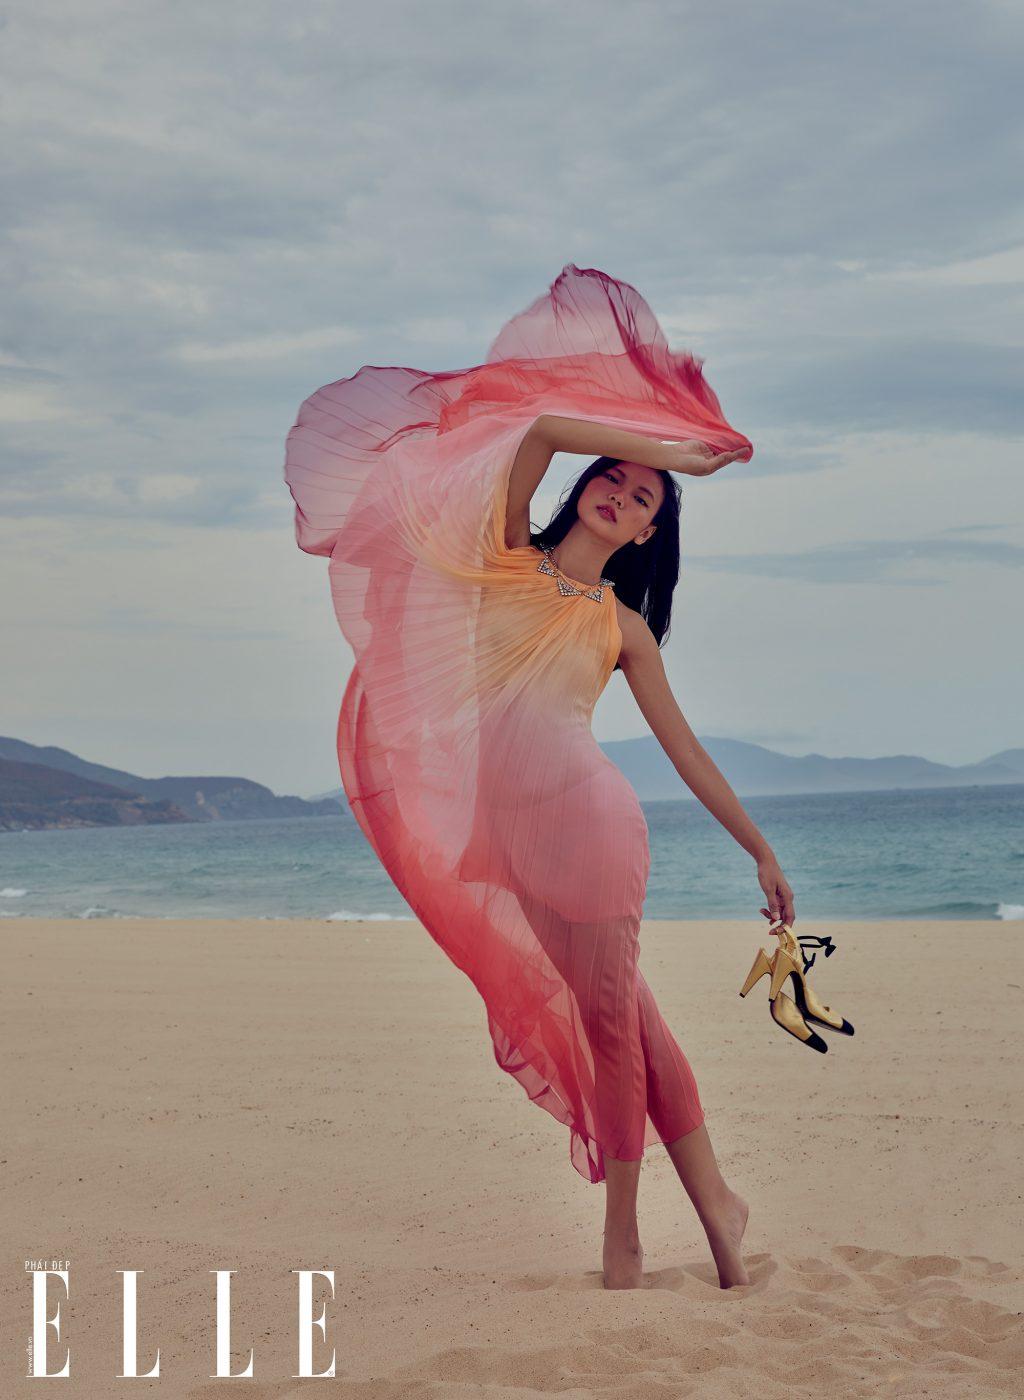 bộ ảnh thời trang mùa Hè đầm voan màu hồng và giày cao gót vàng